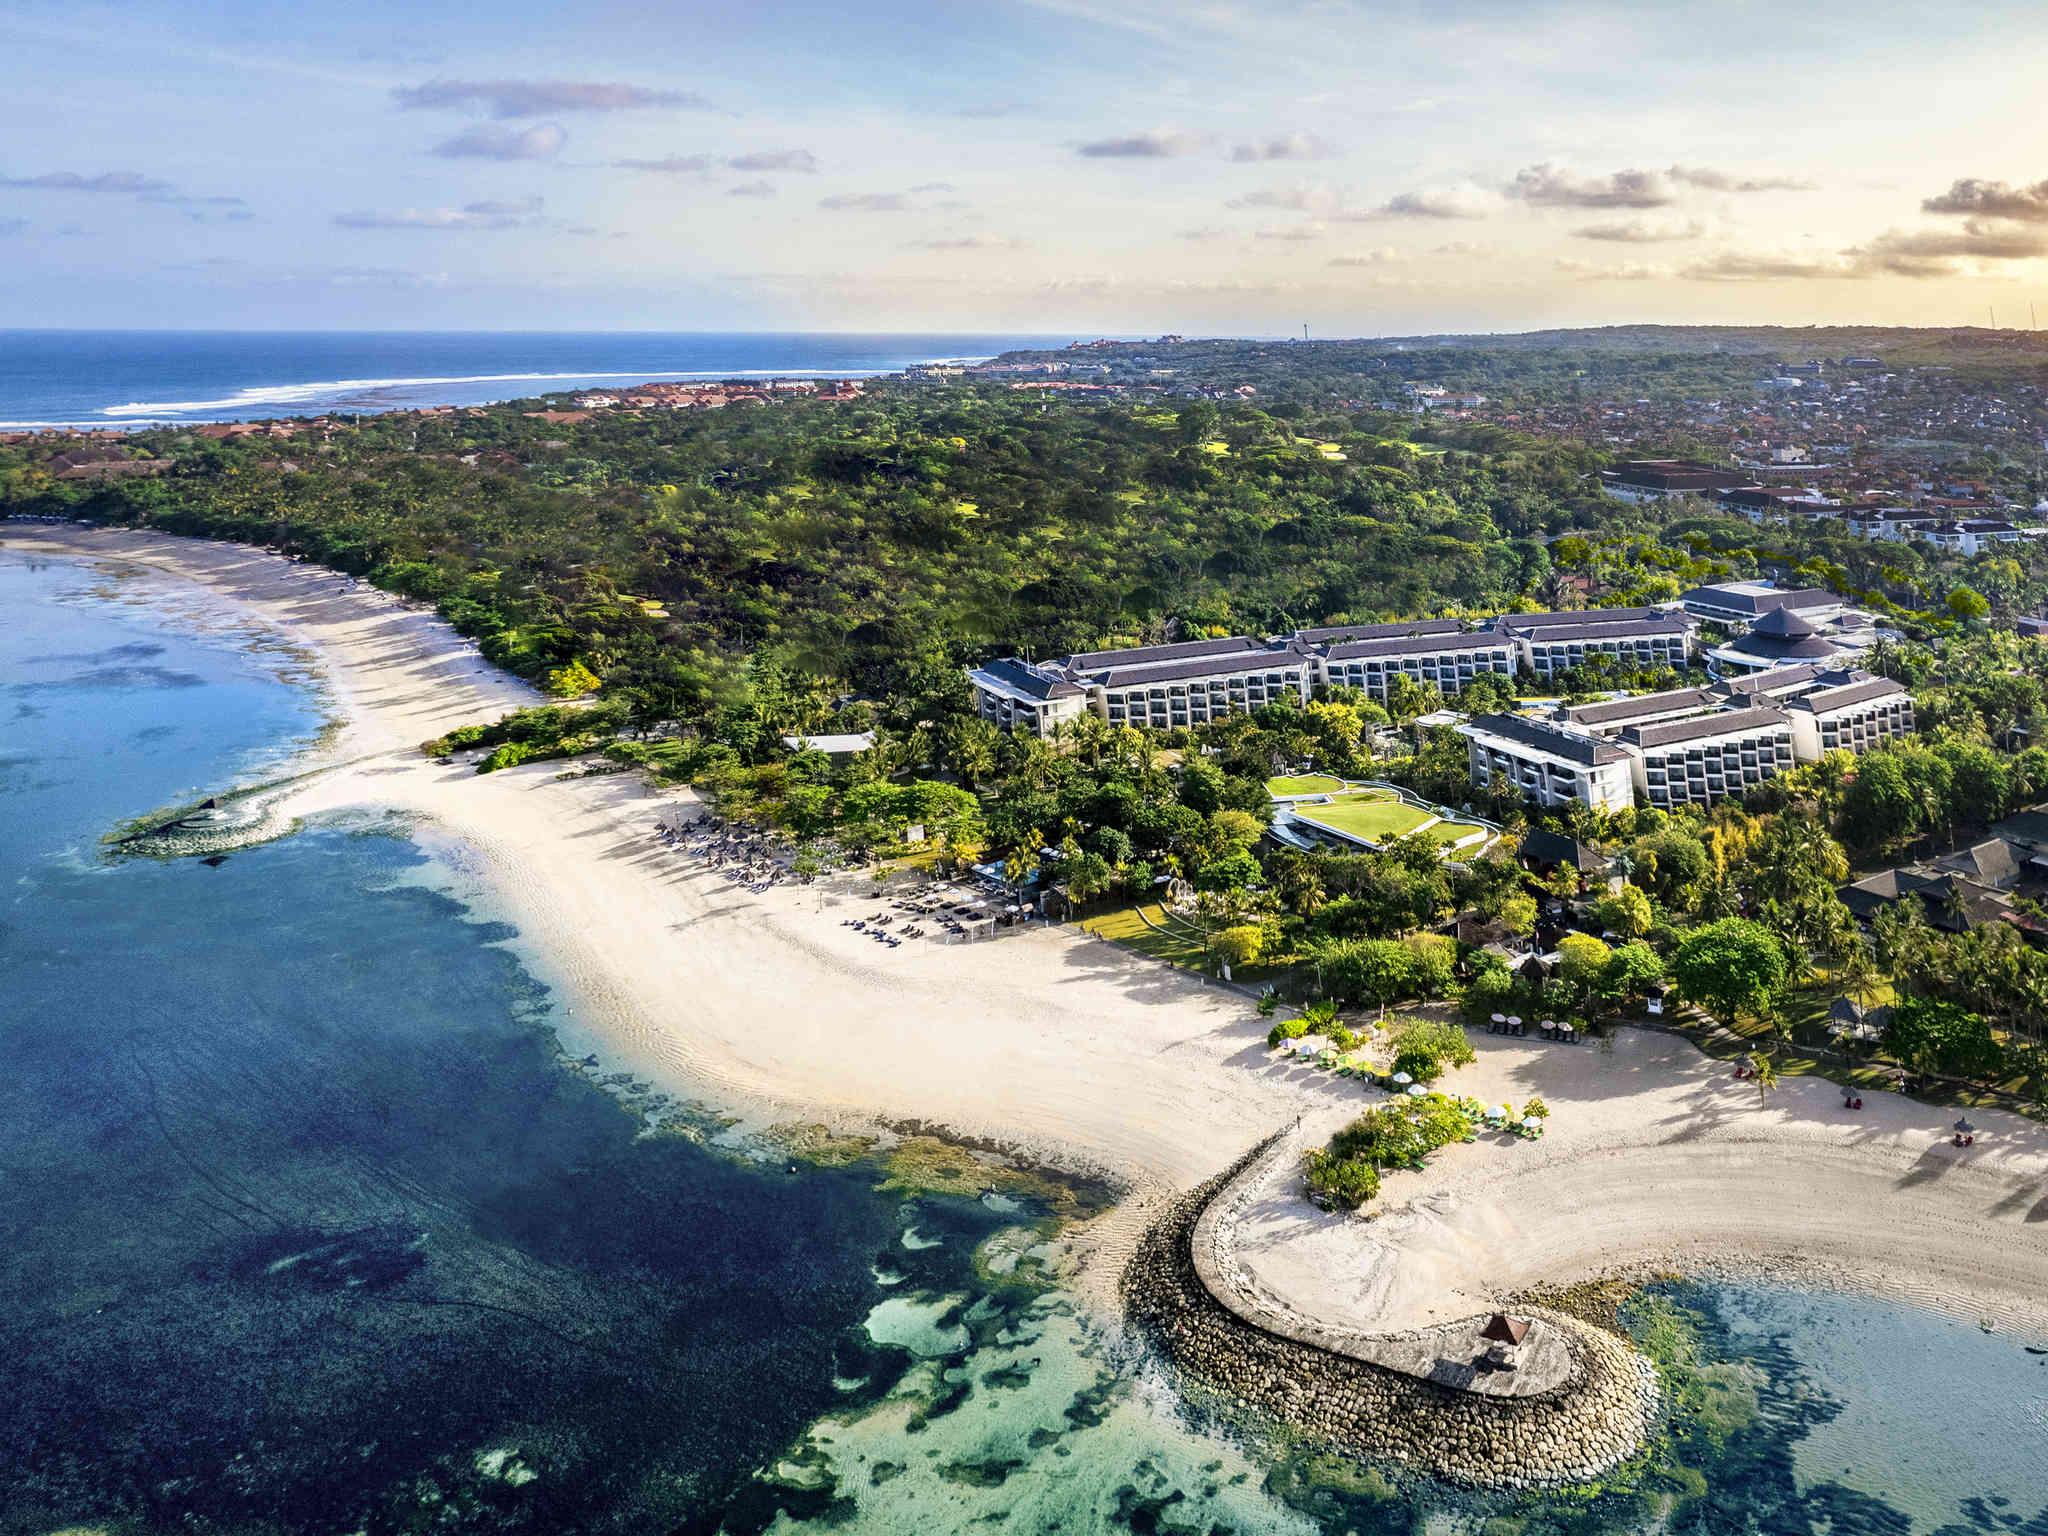 Hotell – Sofitel Bali Nusa Dua Beach Resort